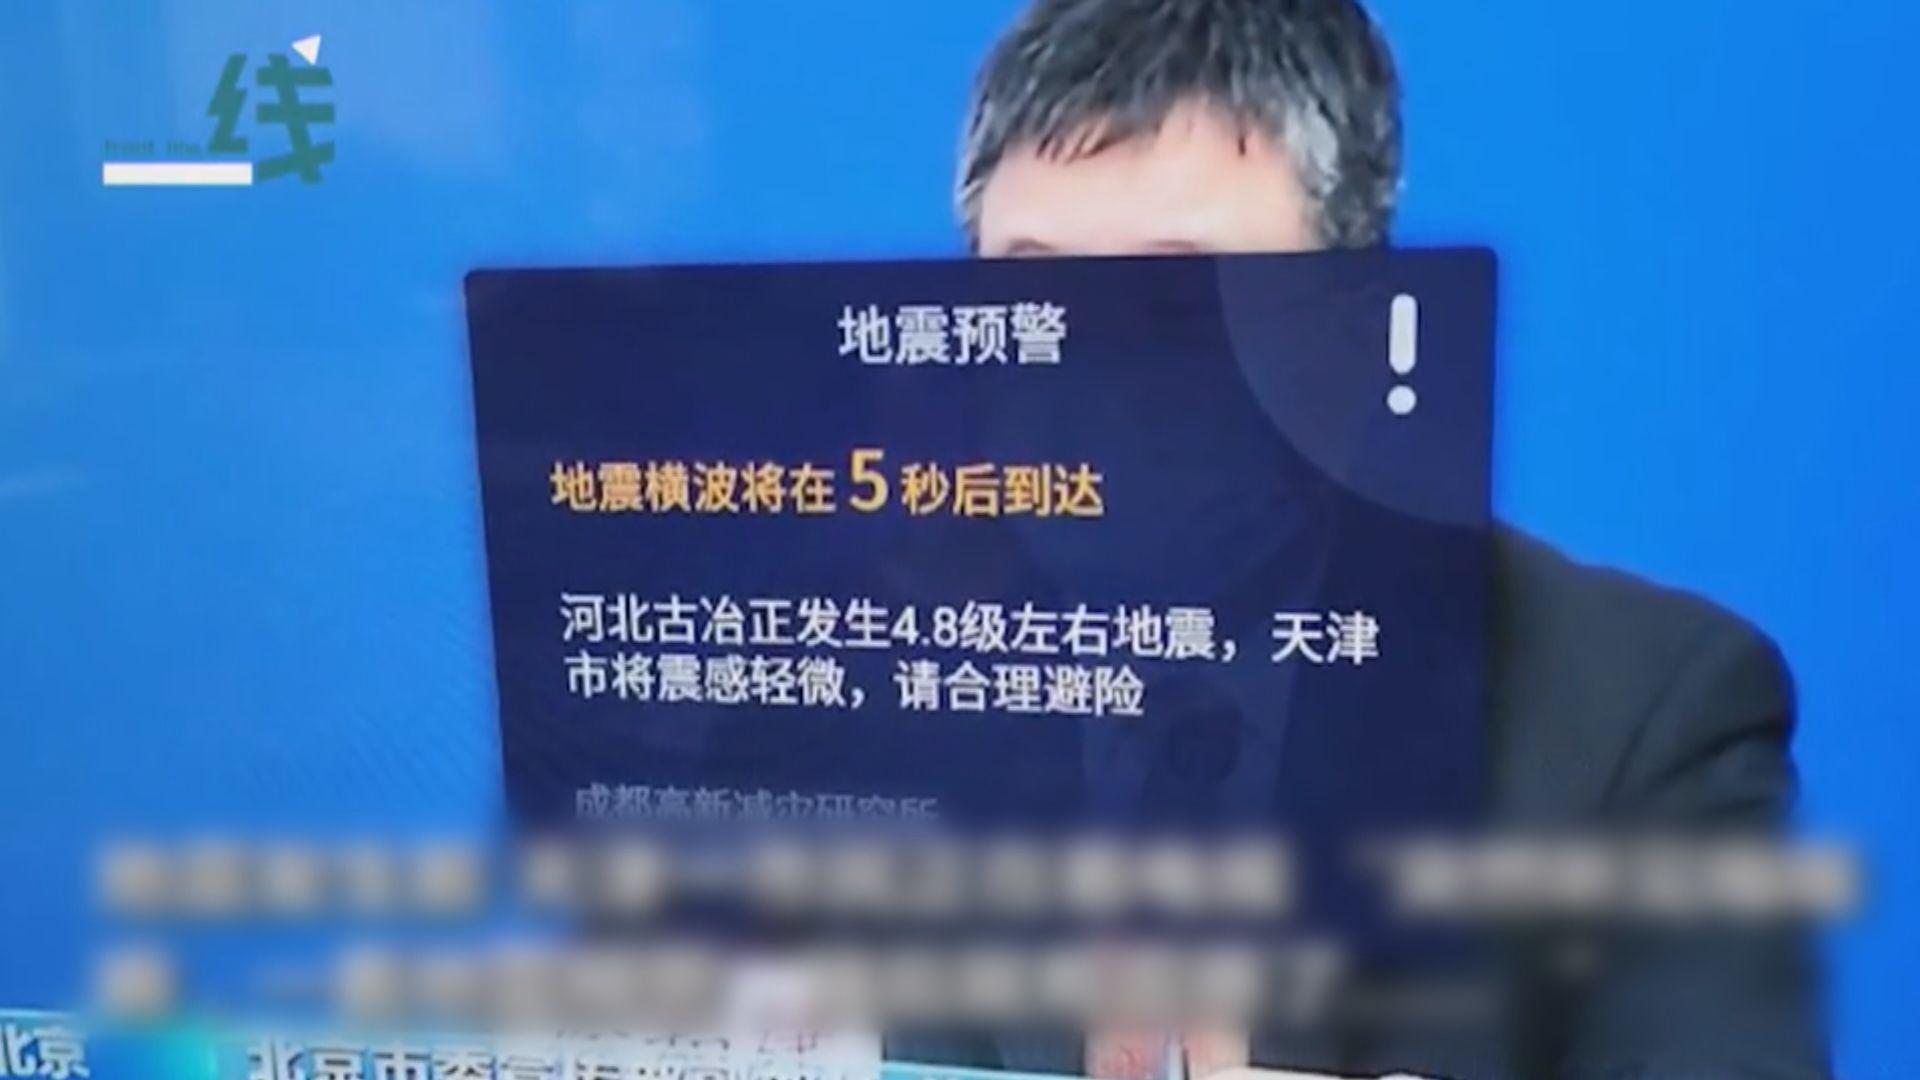 河北唐山市5.1級地震 交通和電力供應正常